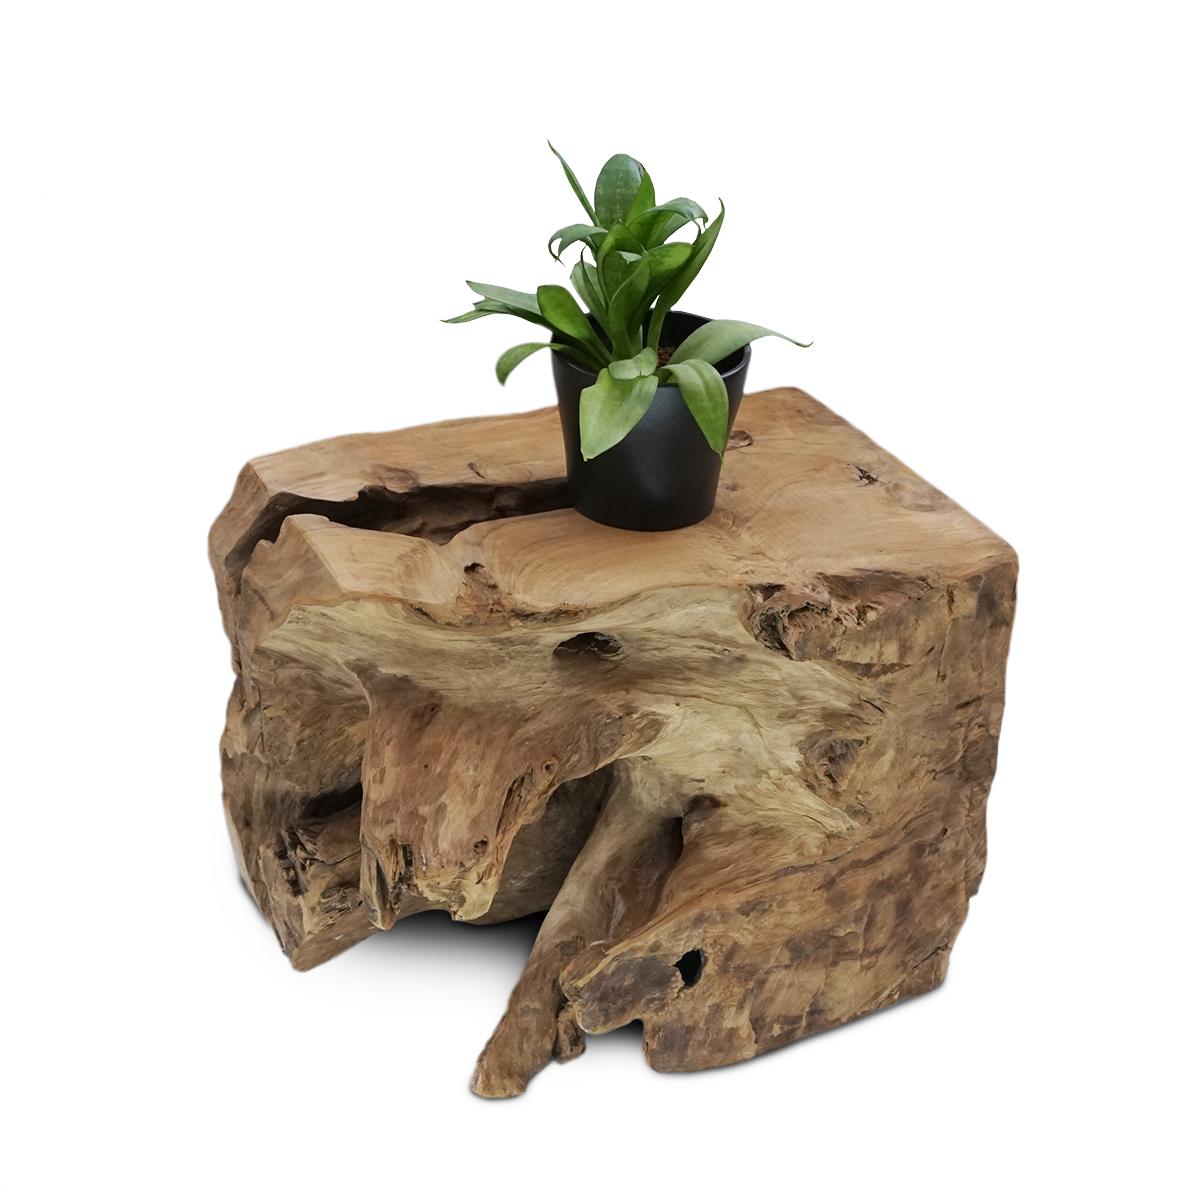 Couchtisch Wohnzimmertisch Natur Block Massiv ca. 40 cm Wurzelholz Teakholz – Bild 1